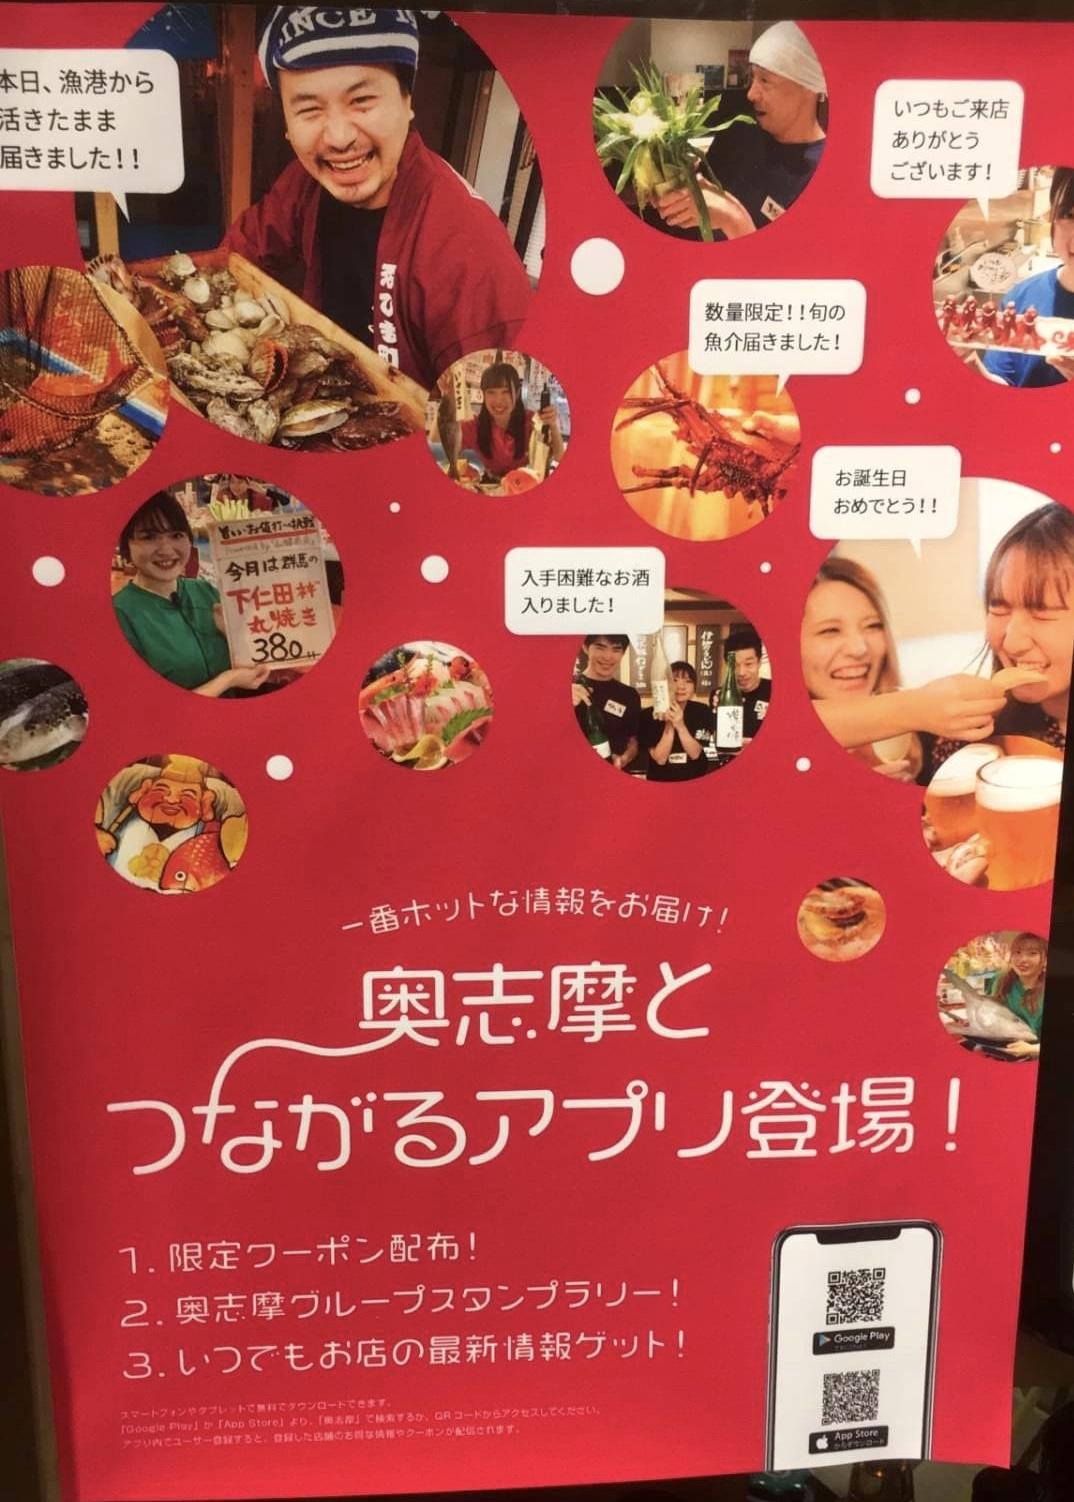 奥志摩アプリポスター